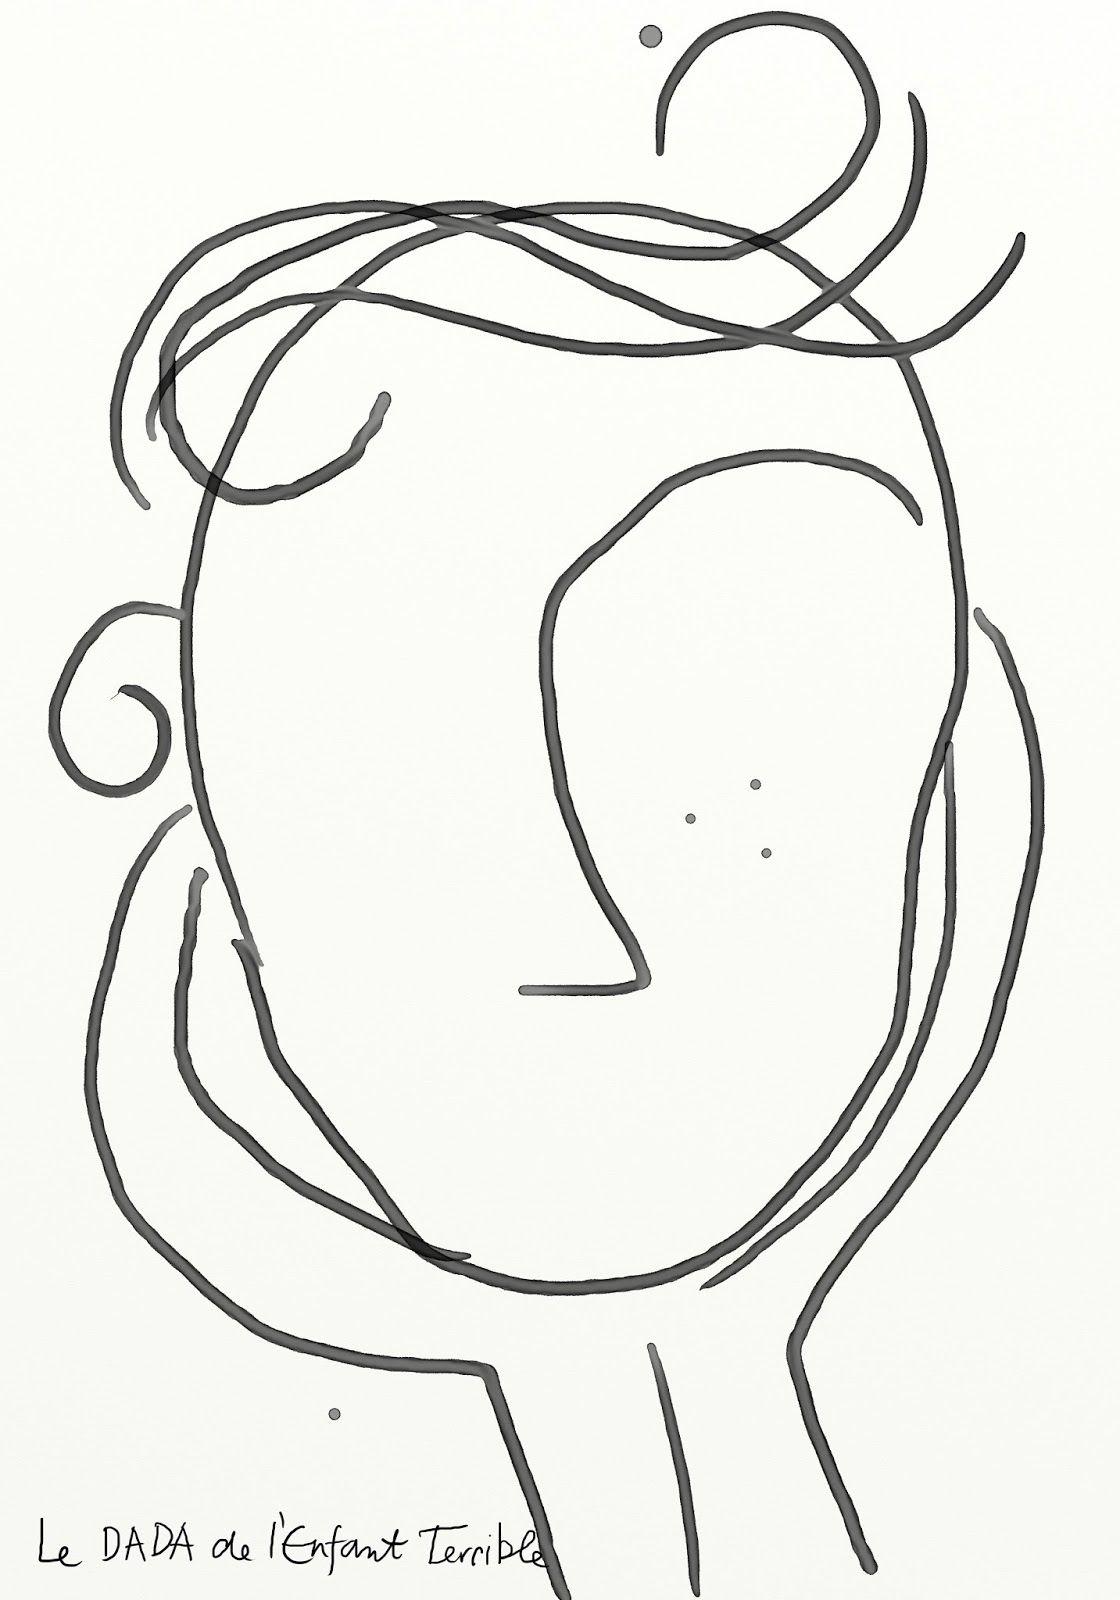 Atividade Criativa Descobrindo O Rosto Humano Art Visage Arts